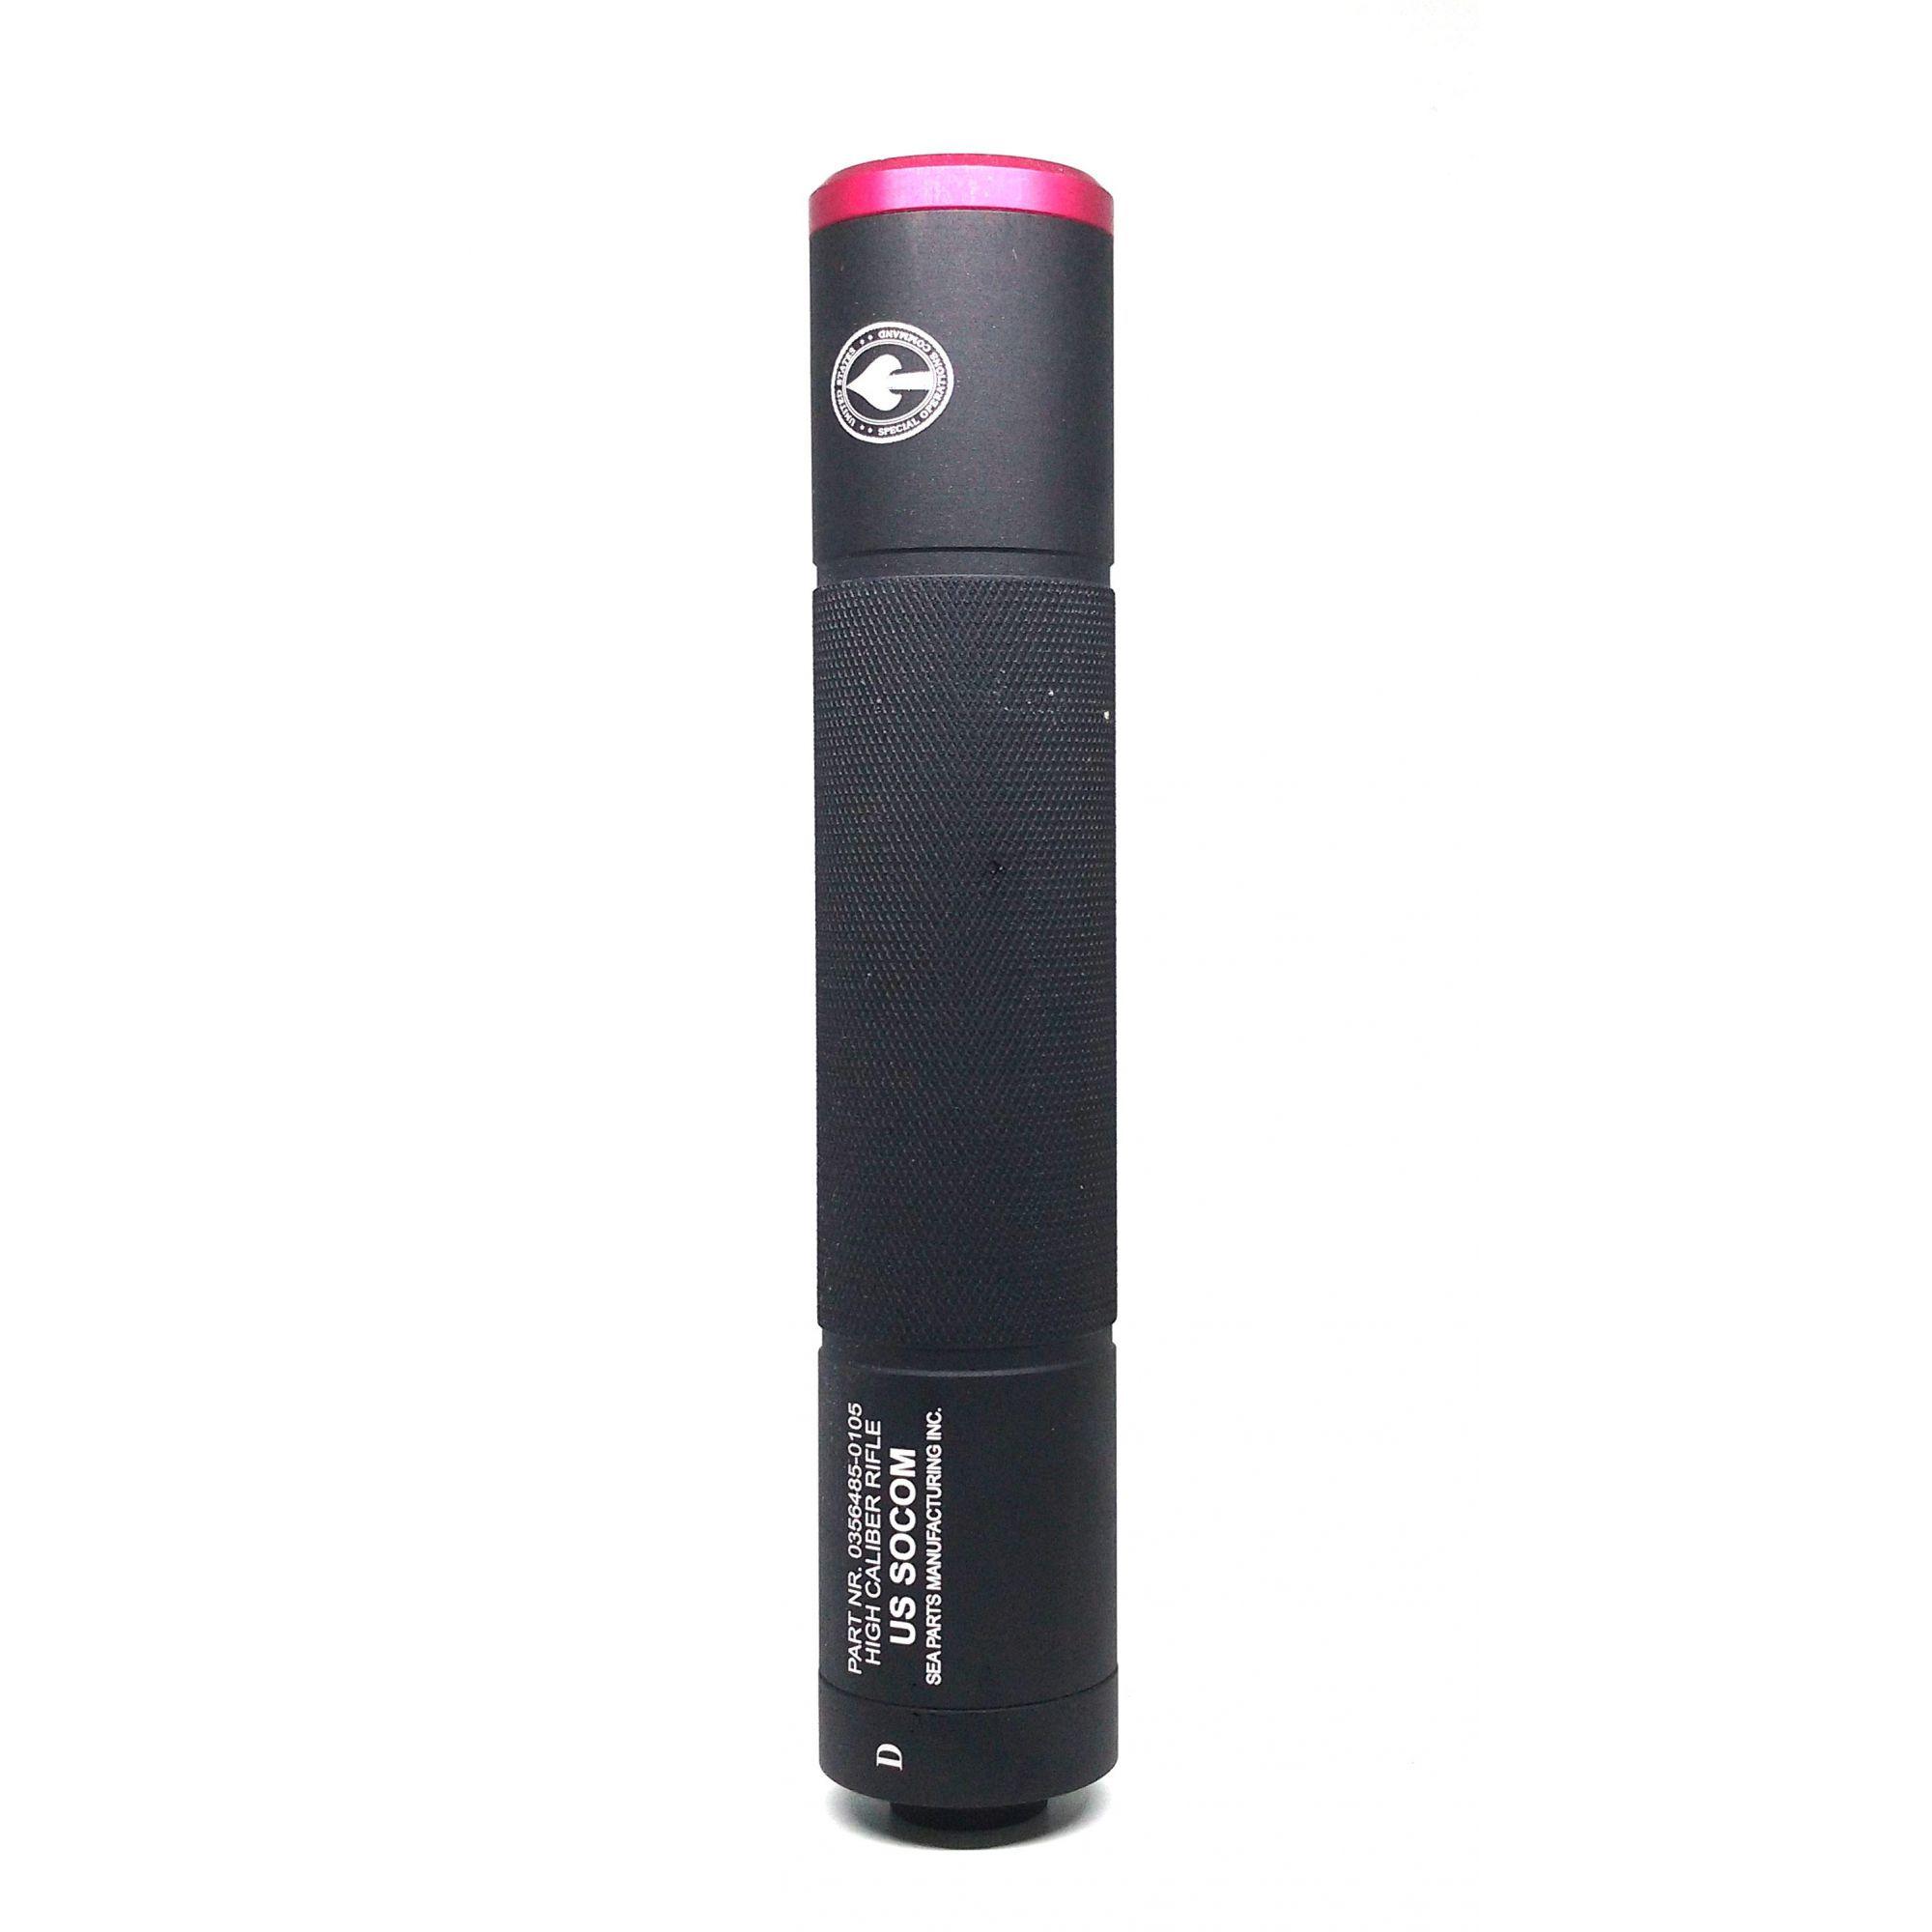 Silenciador Recartilhado 200x38mm - Esquerdo